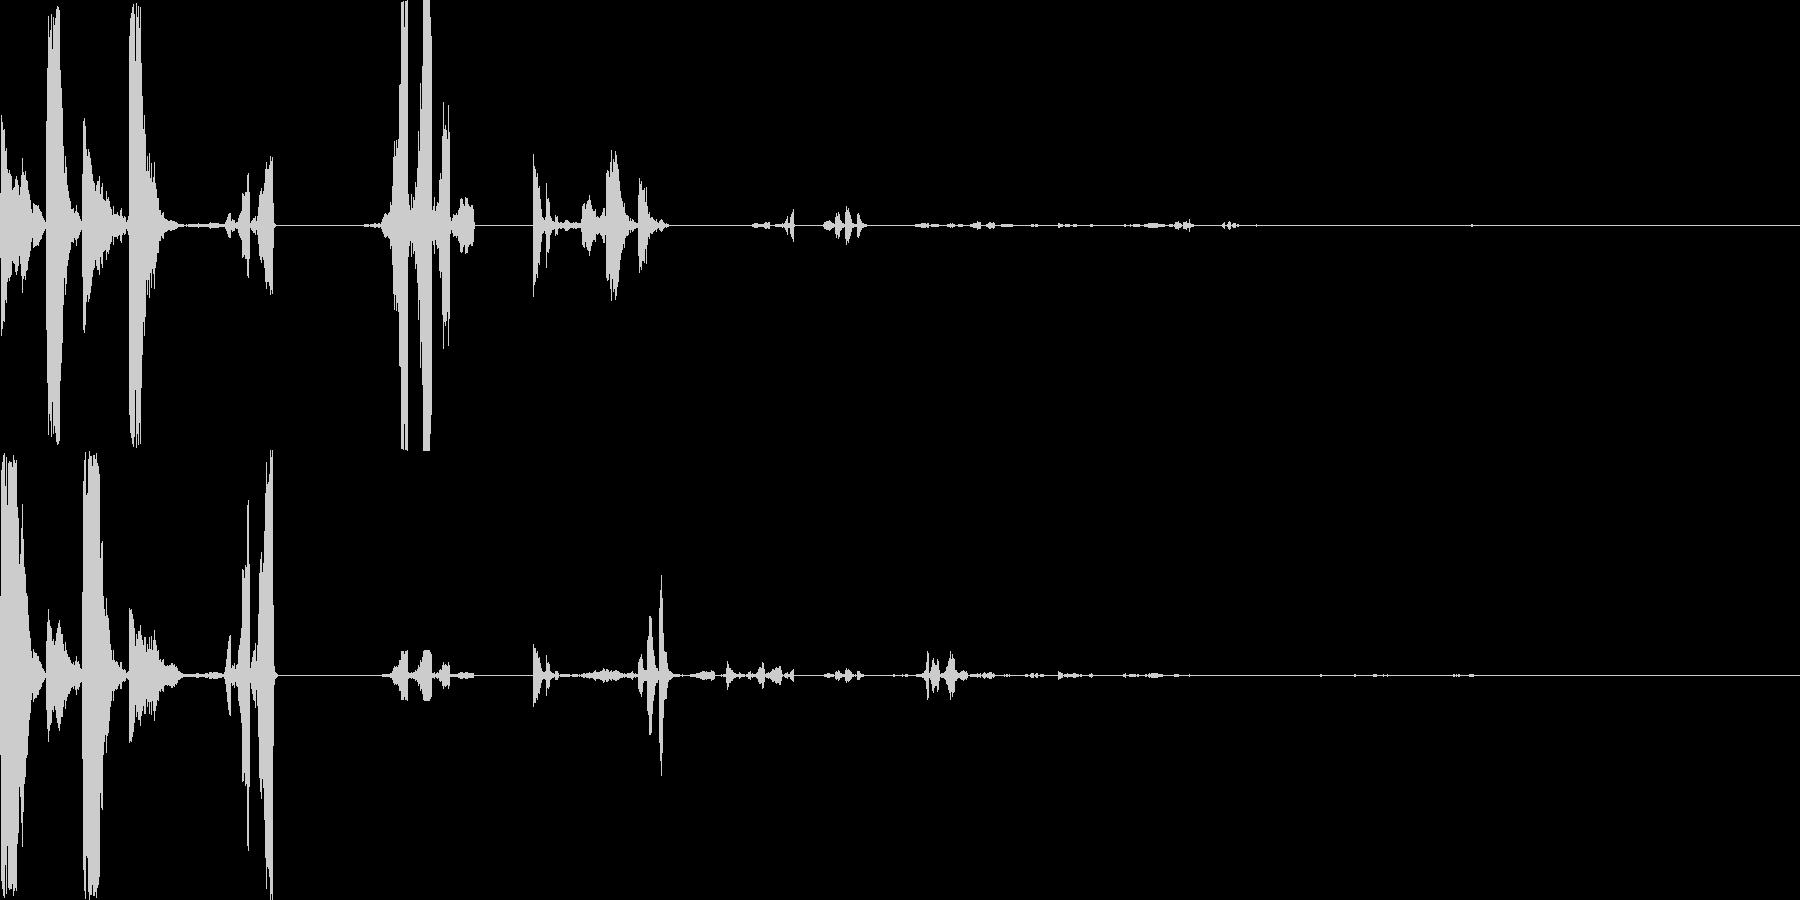 混乱した機械的な音の未再生の波形